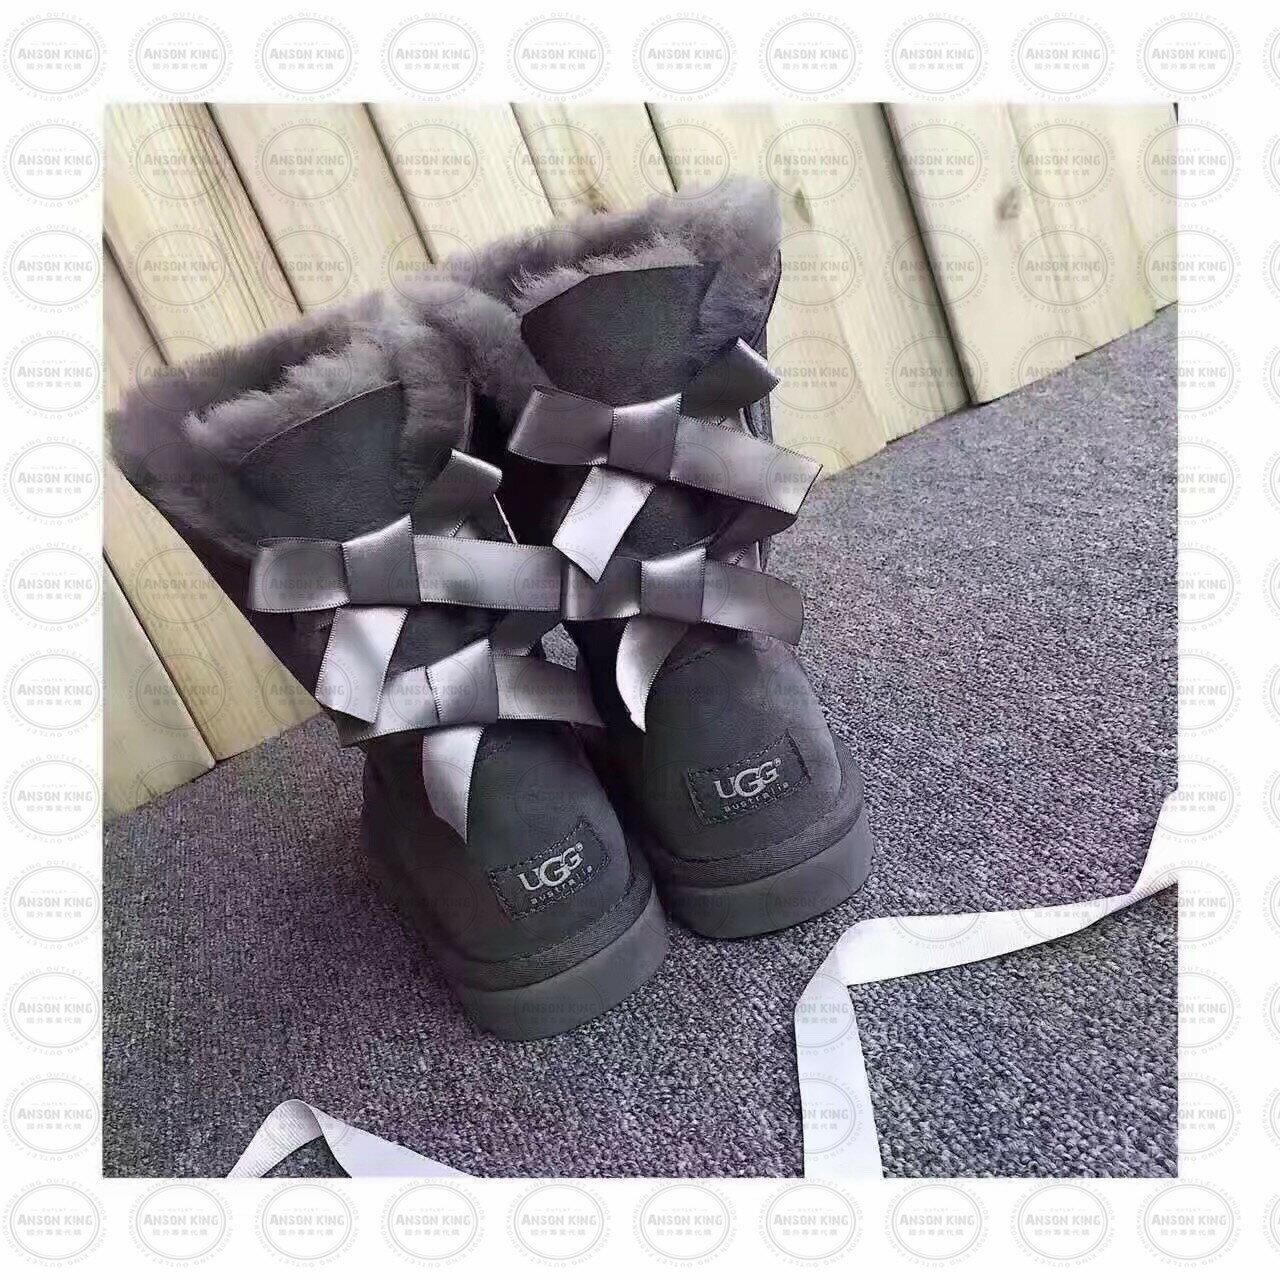 OUTLET正品代購 澳洲 UGG 蝴蝶結3280羊皮毛一體 中長靴 保暖 真皮羊皮毛 雪靴 短靴 灰色 0